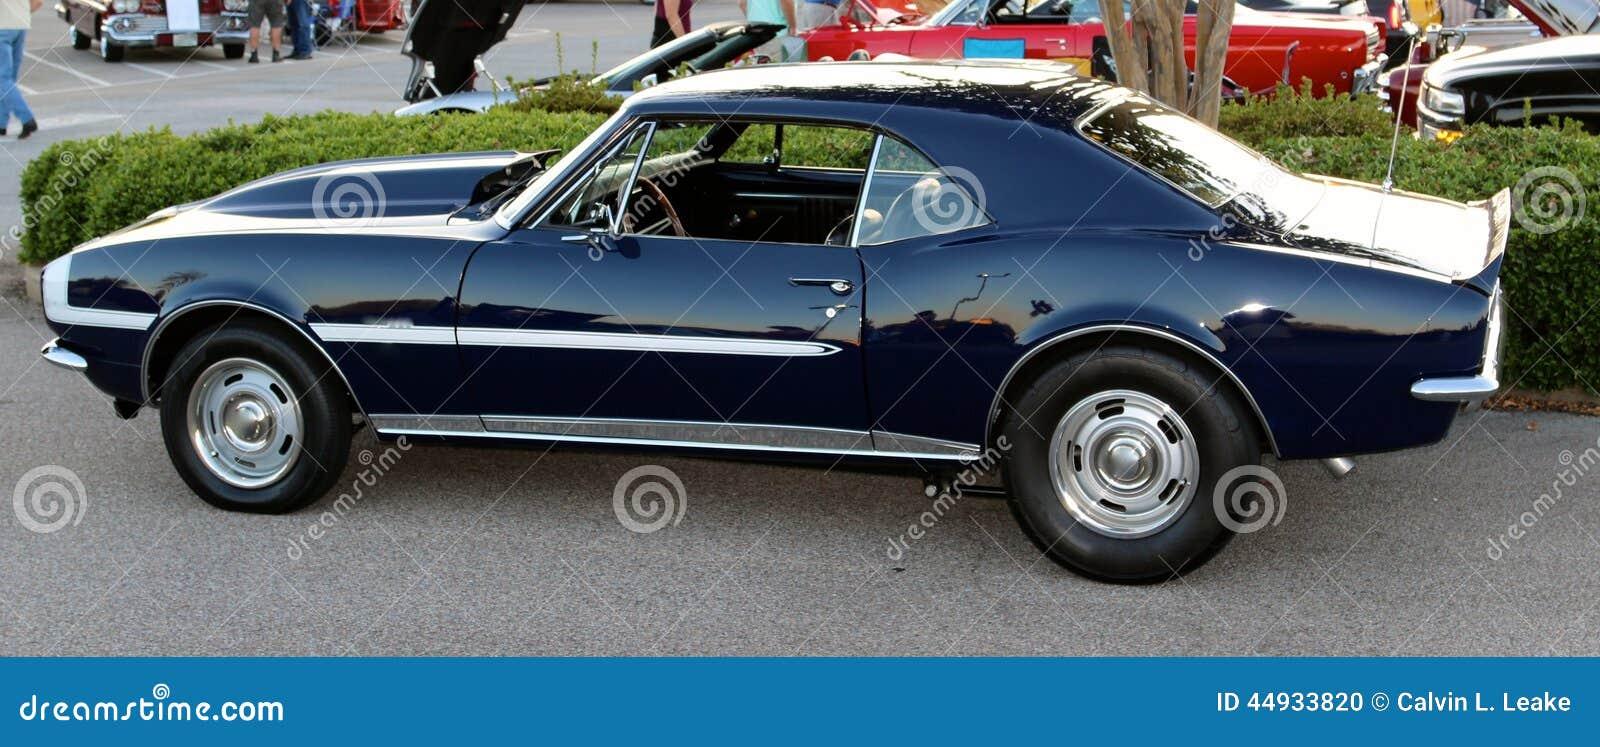 Side view of dark blue antique Chevy Camaro